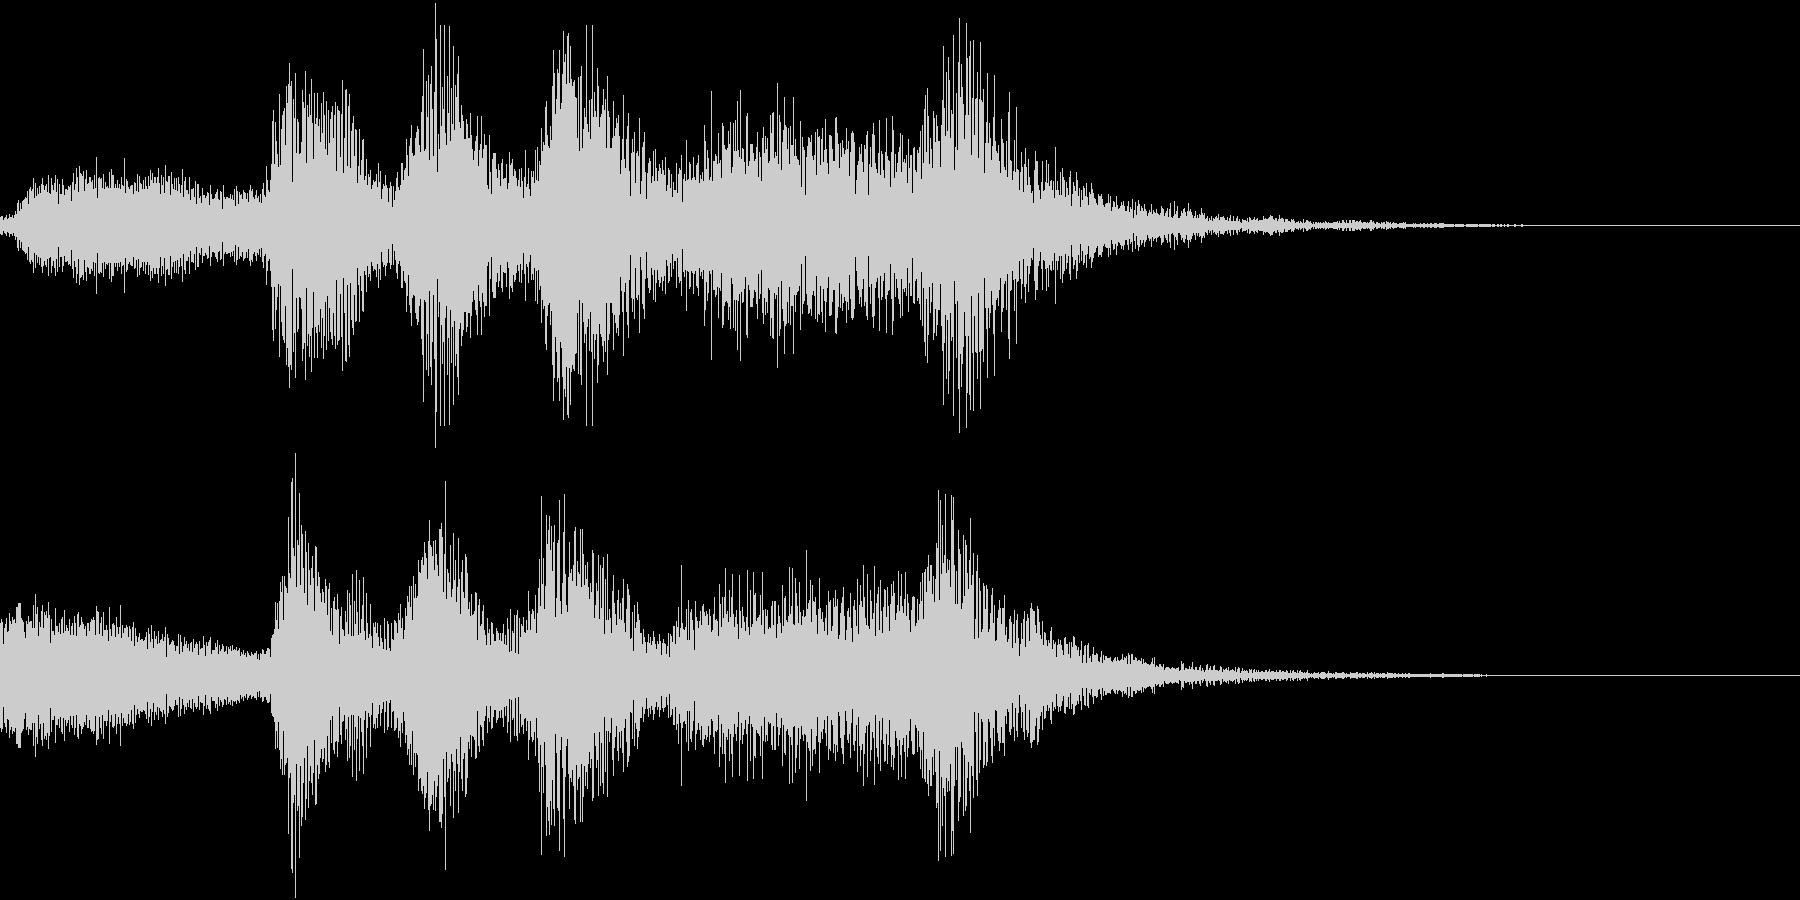 ハロウィン系ジングル3の未再生の波形